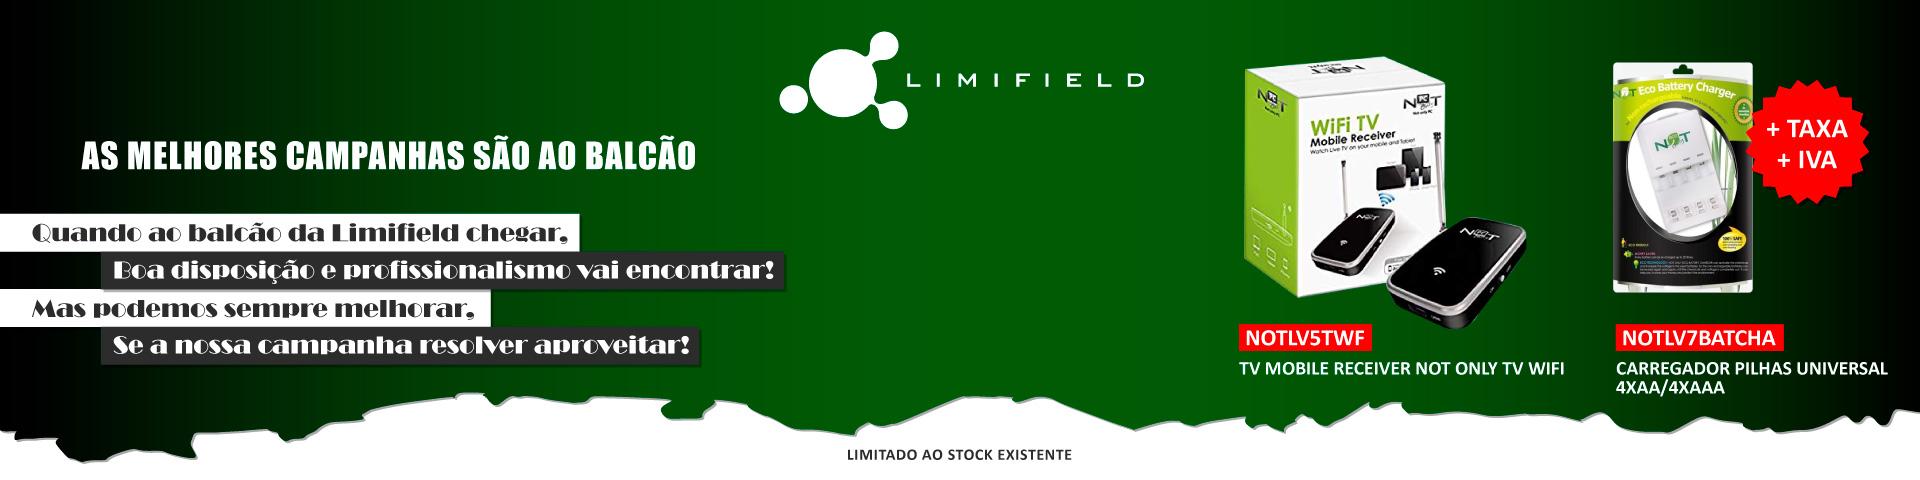 Banner_Campanha-Balcão-Limifield